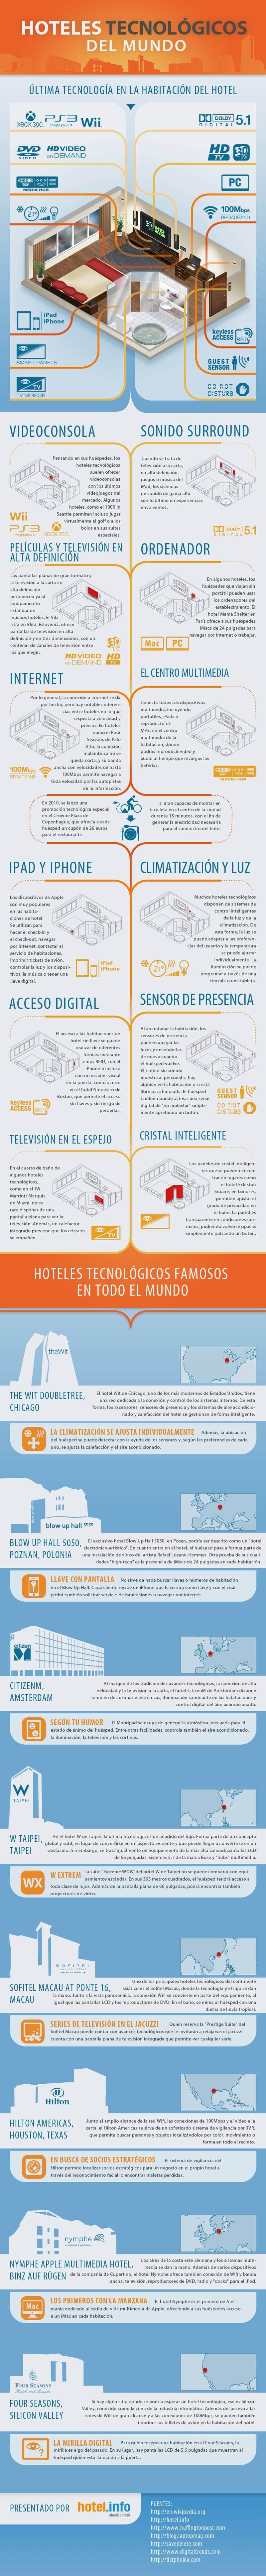 high-tech_hotels